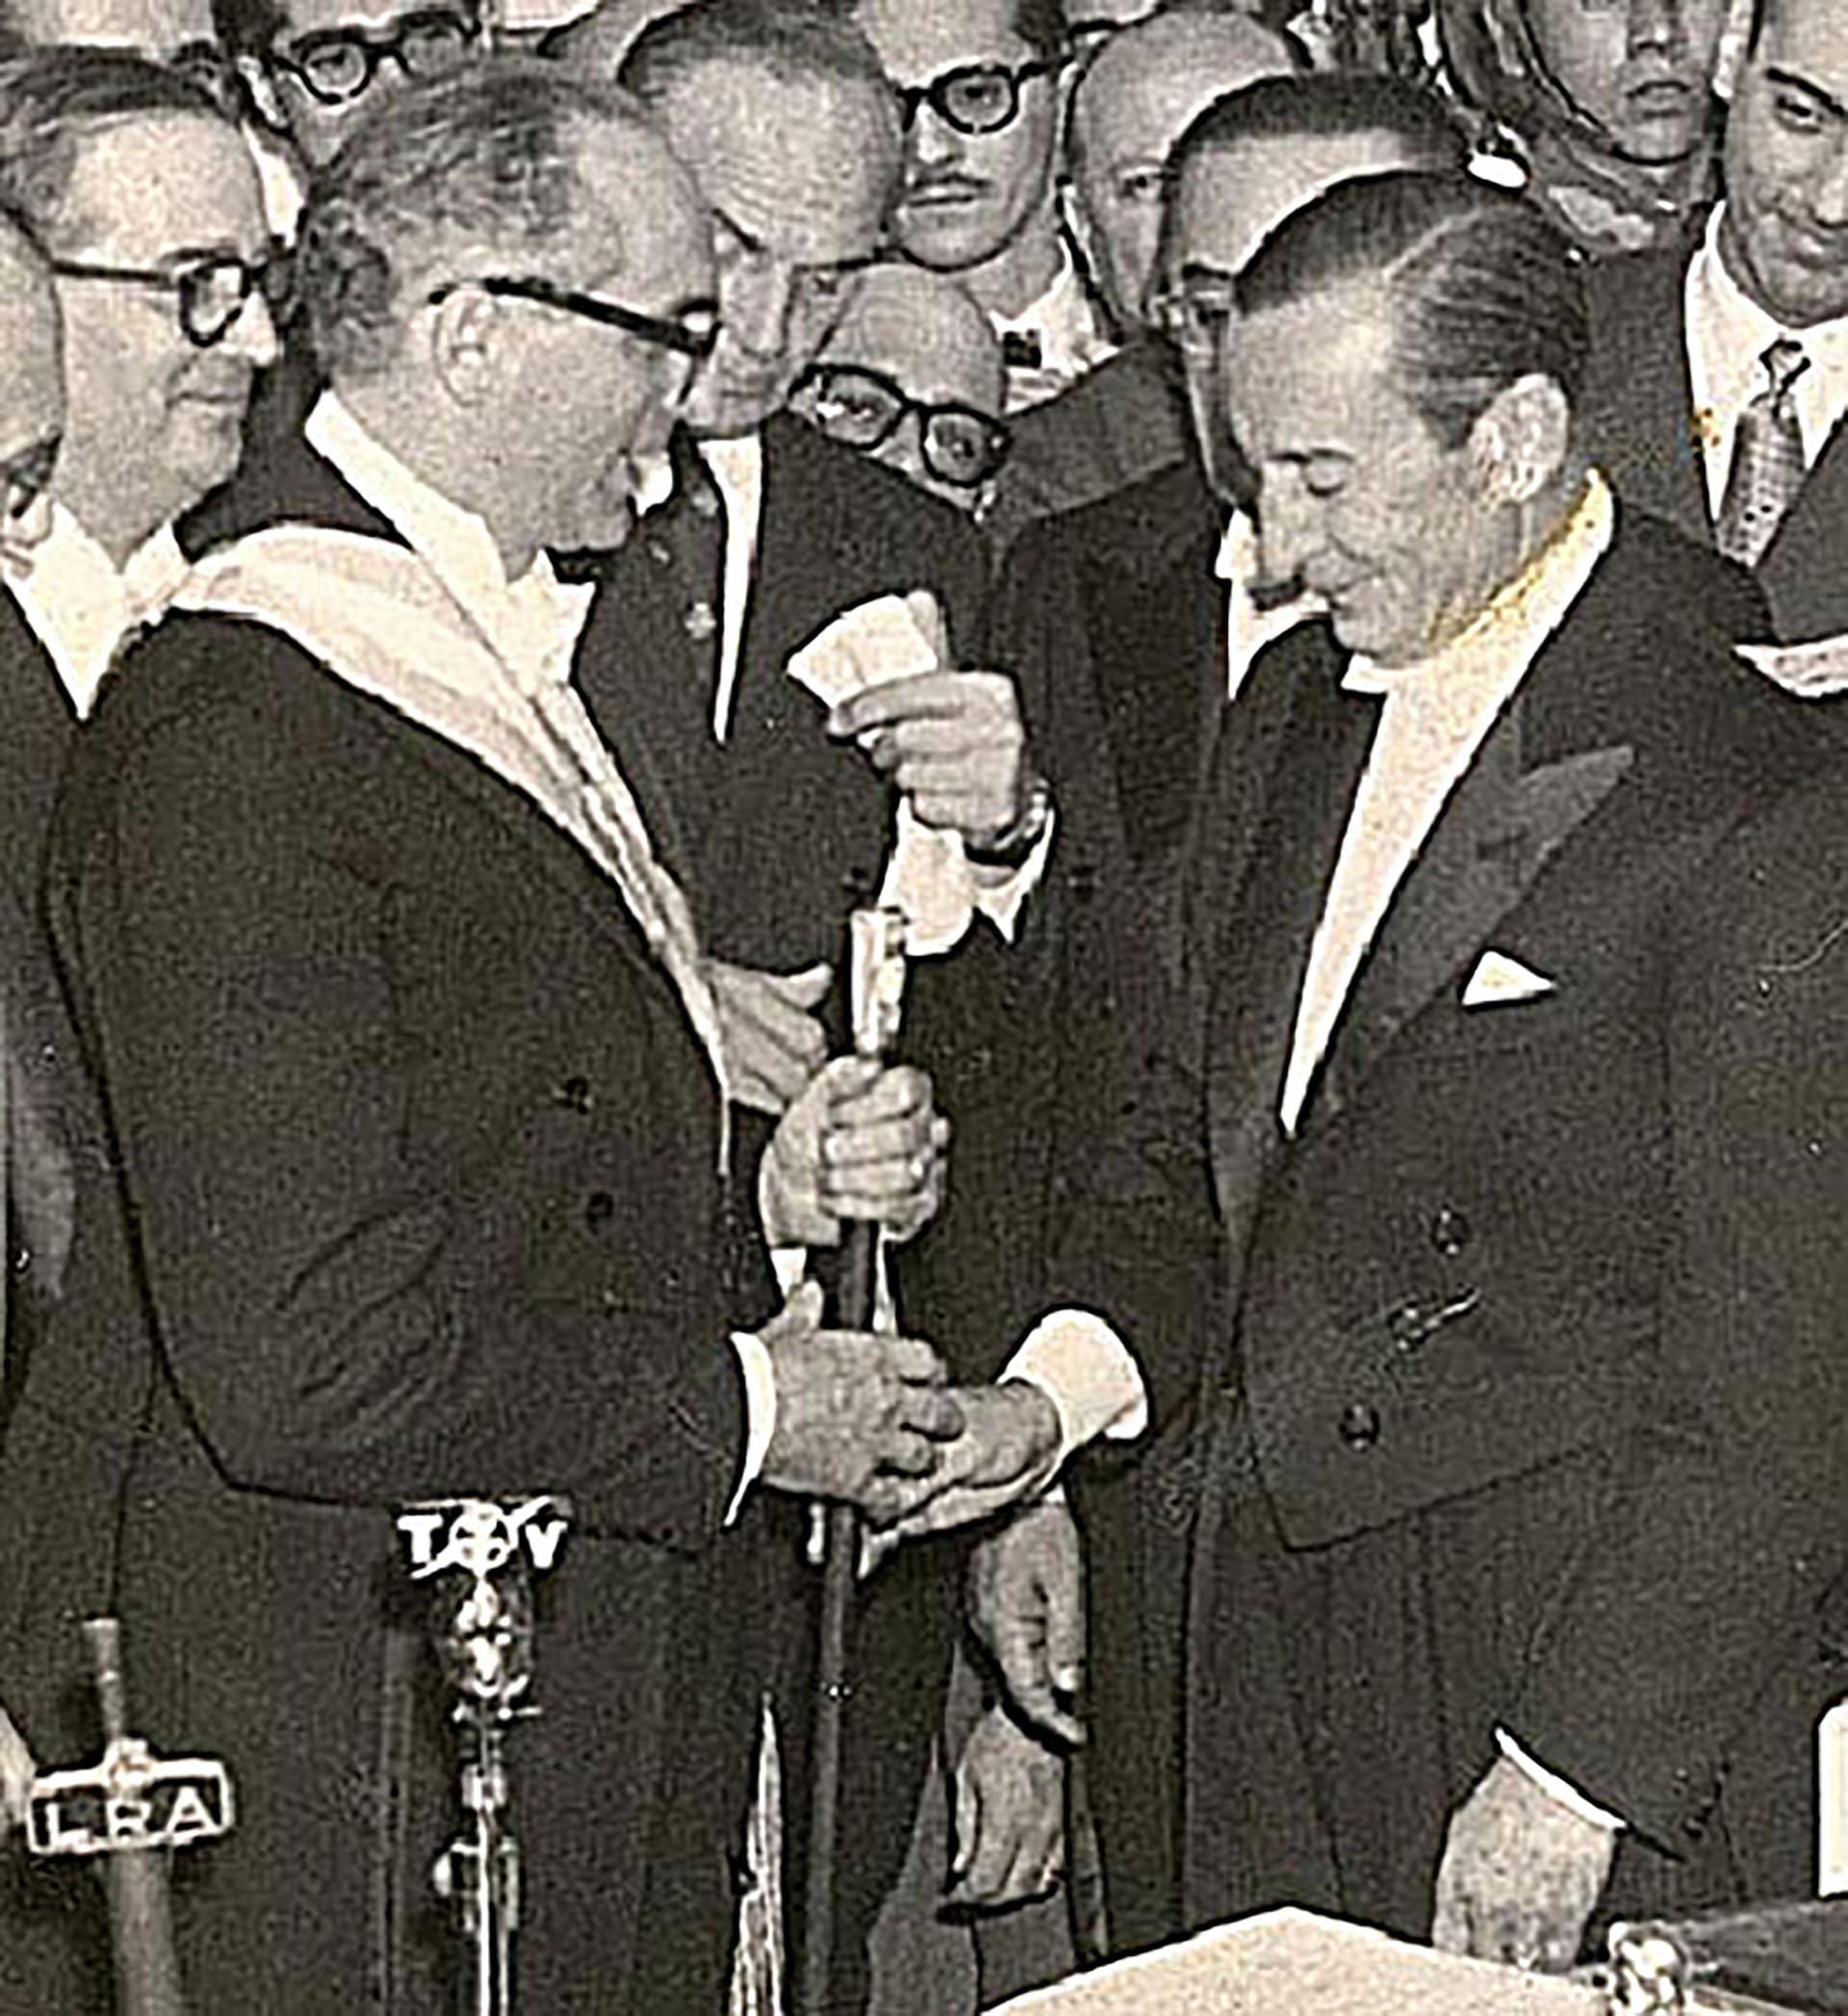 Arturo Frondizi recibe el mando de manos del general Aramburu